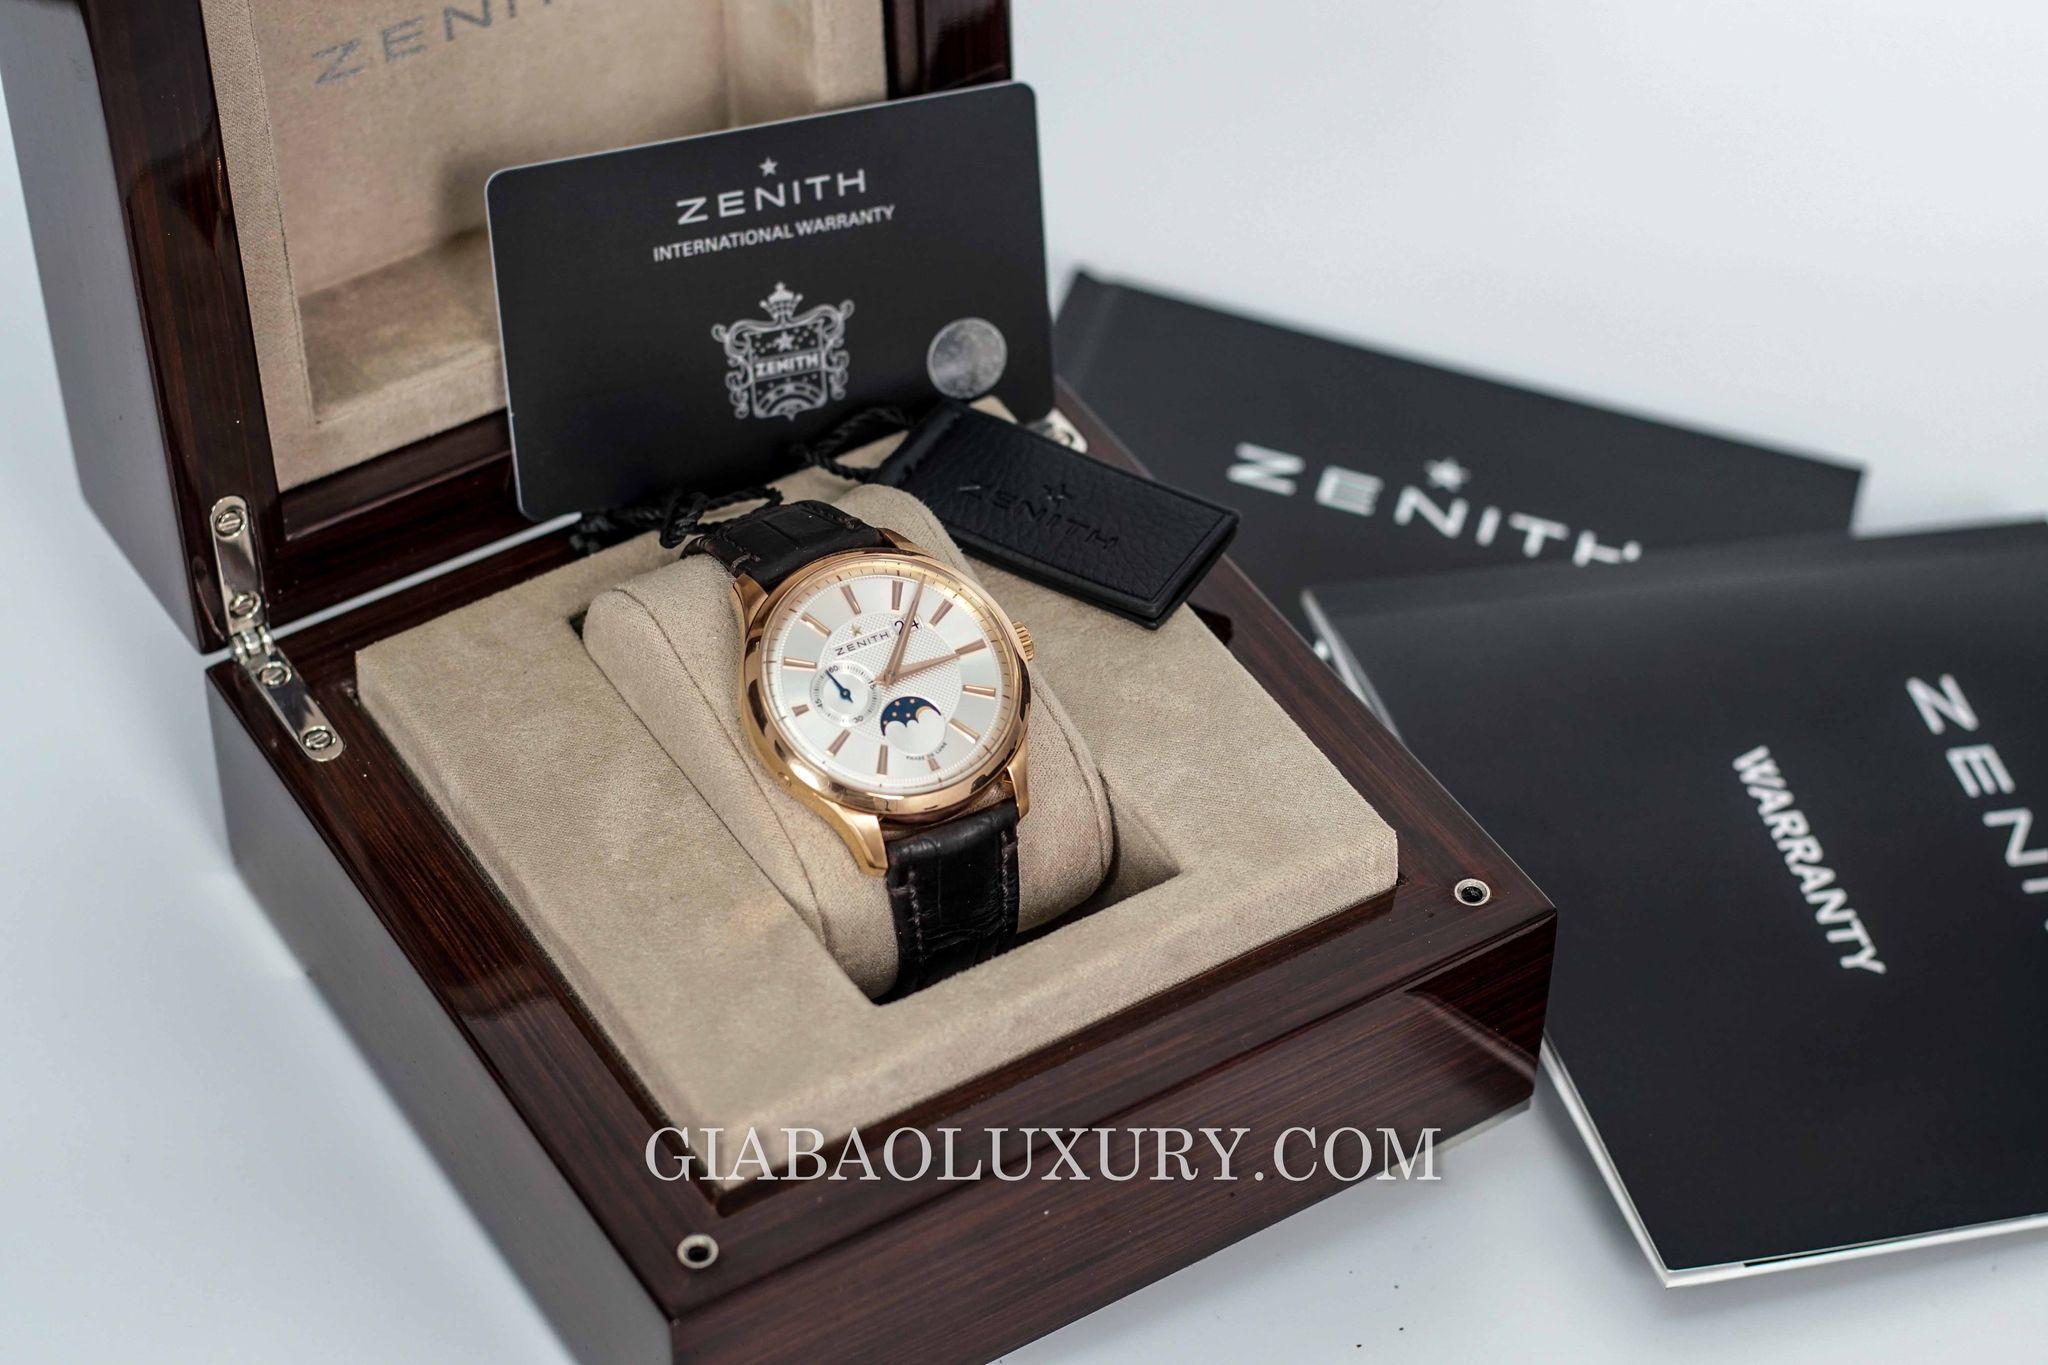 Giá trị của chiếc đồng hồ Zenith chính hãng đã qua sử dụng có thể tăng từ 20% - 50% khi nó có đầy đủ hộp và giấy tờ kèm theo chứng minh đây là hàng chính hãng